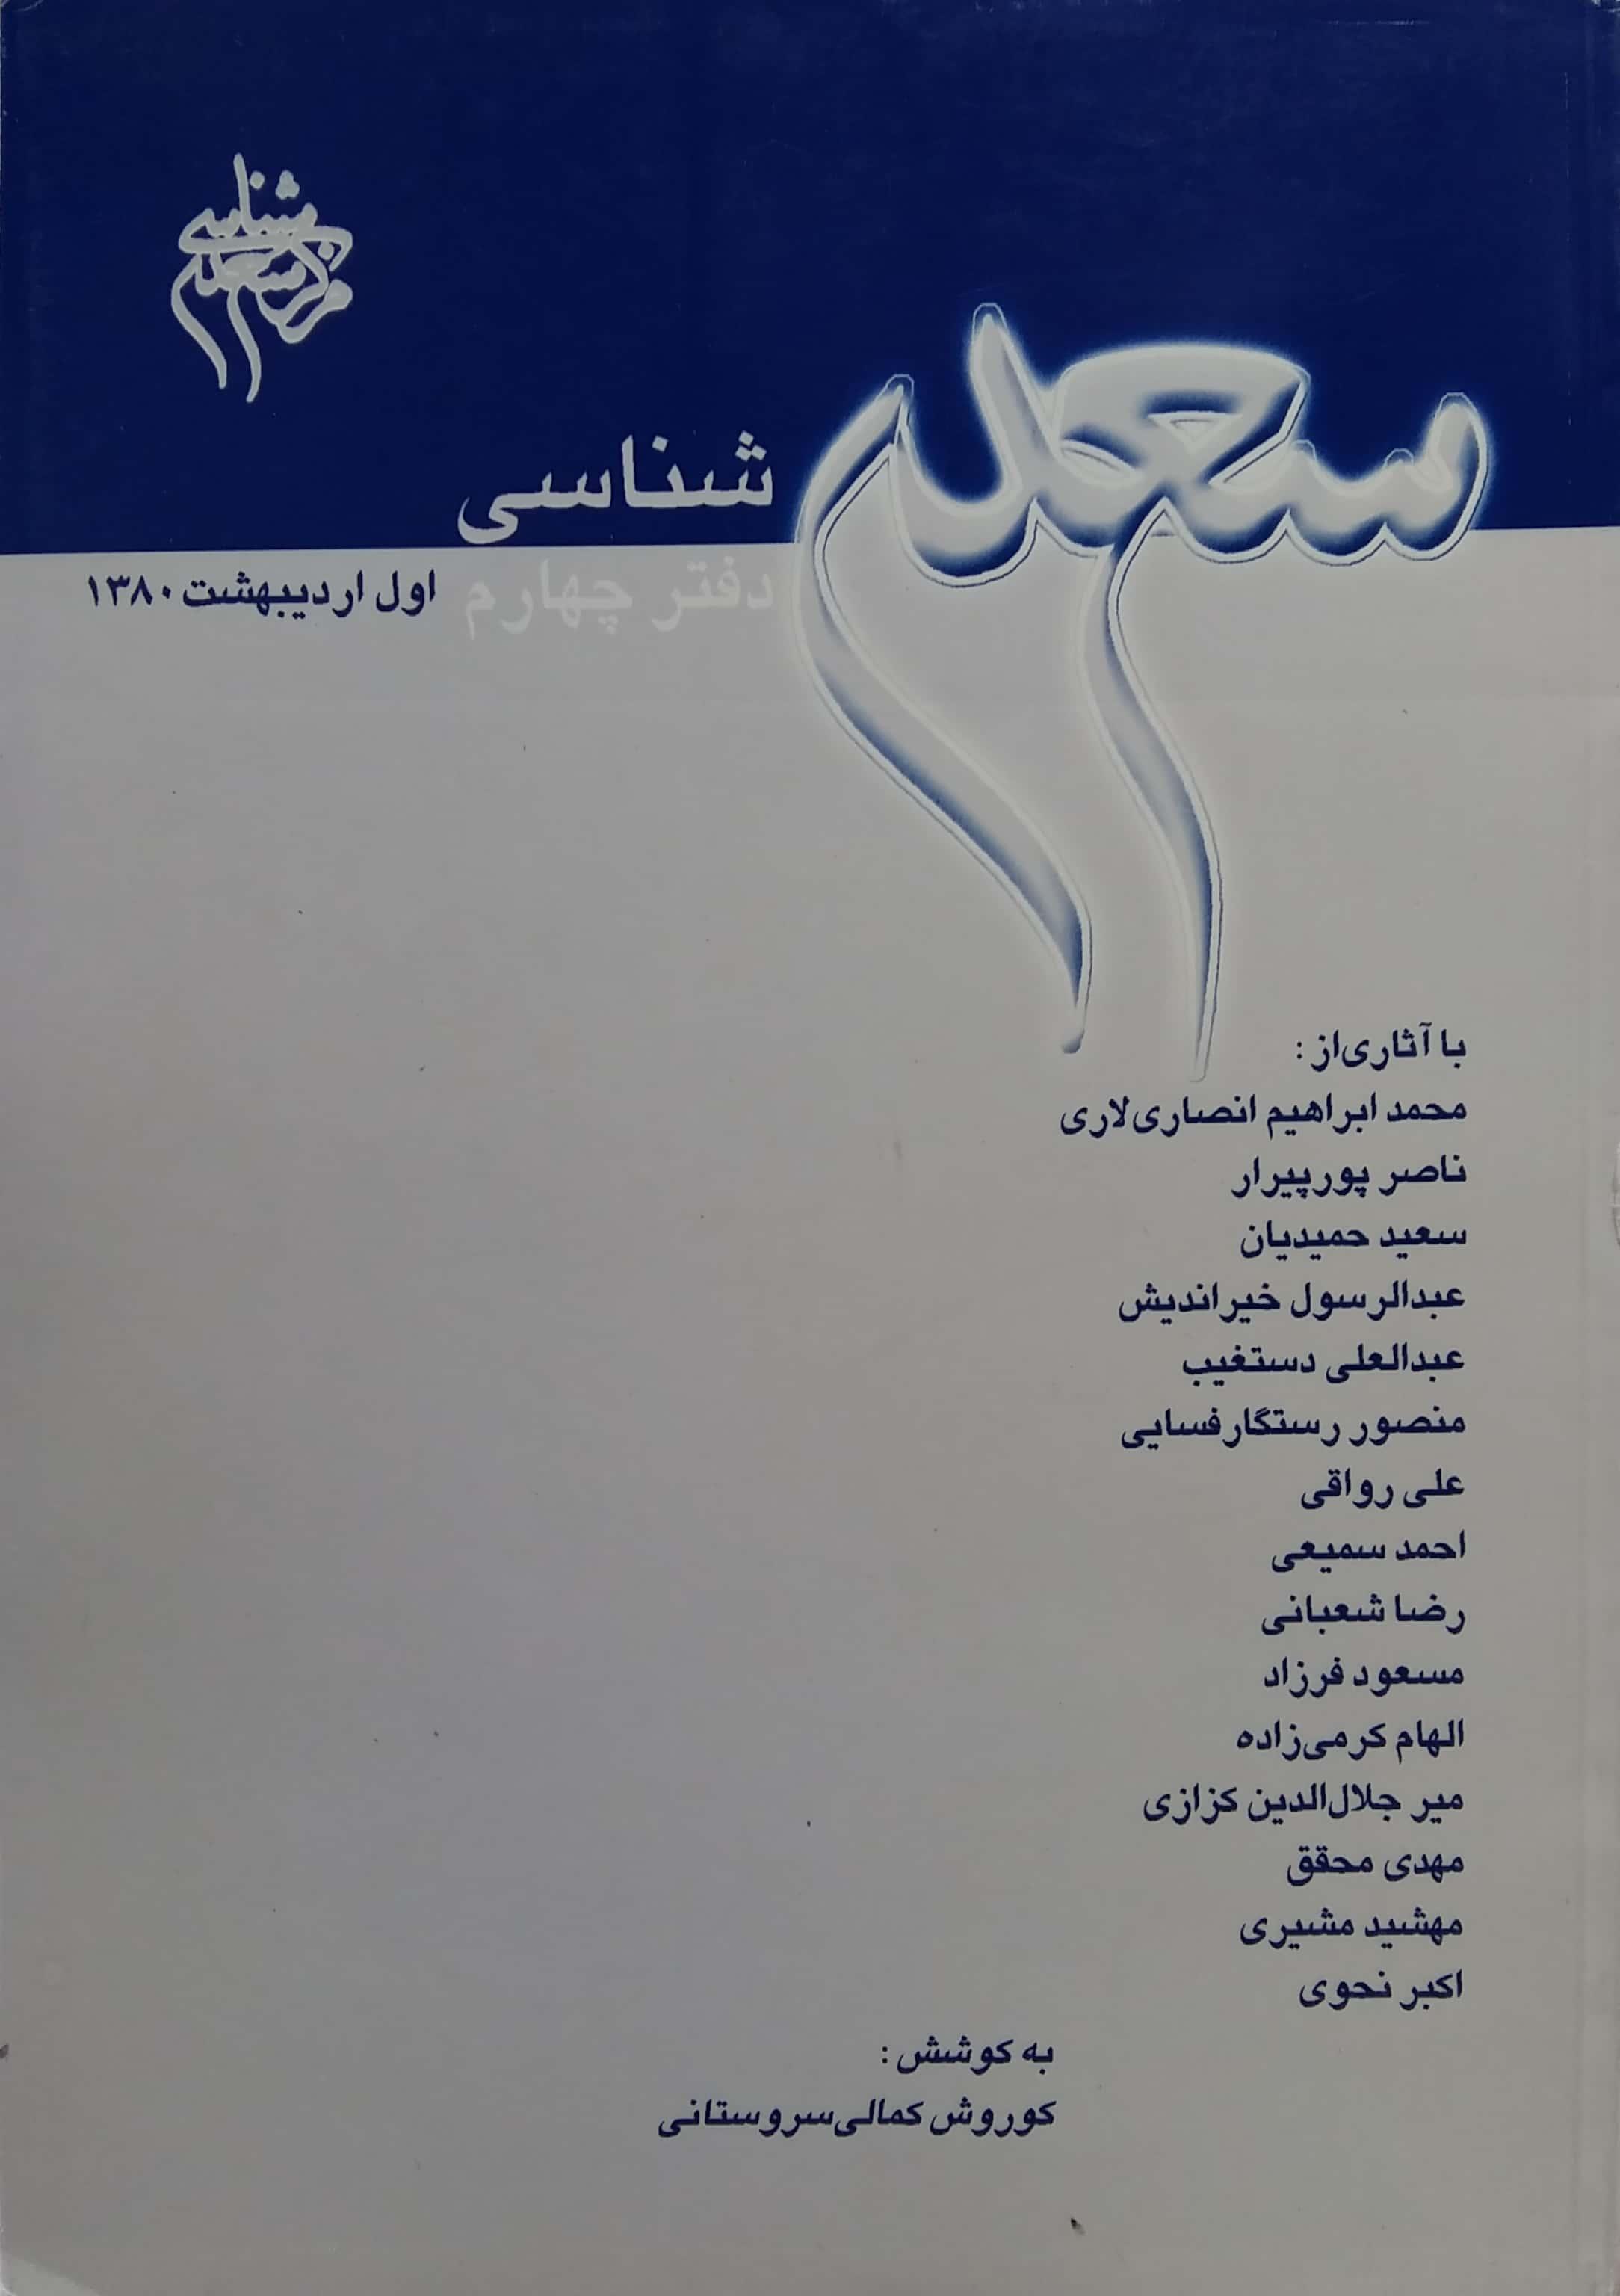 بنياد فارس شناسي سعدی شناسی دفتر چهارم (به کوشش کوروش کمالی سروستانی)